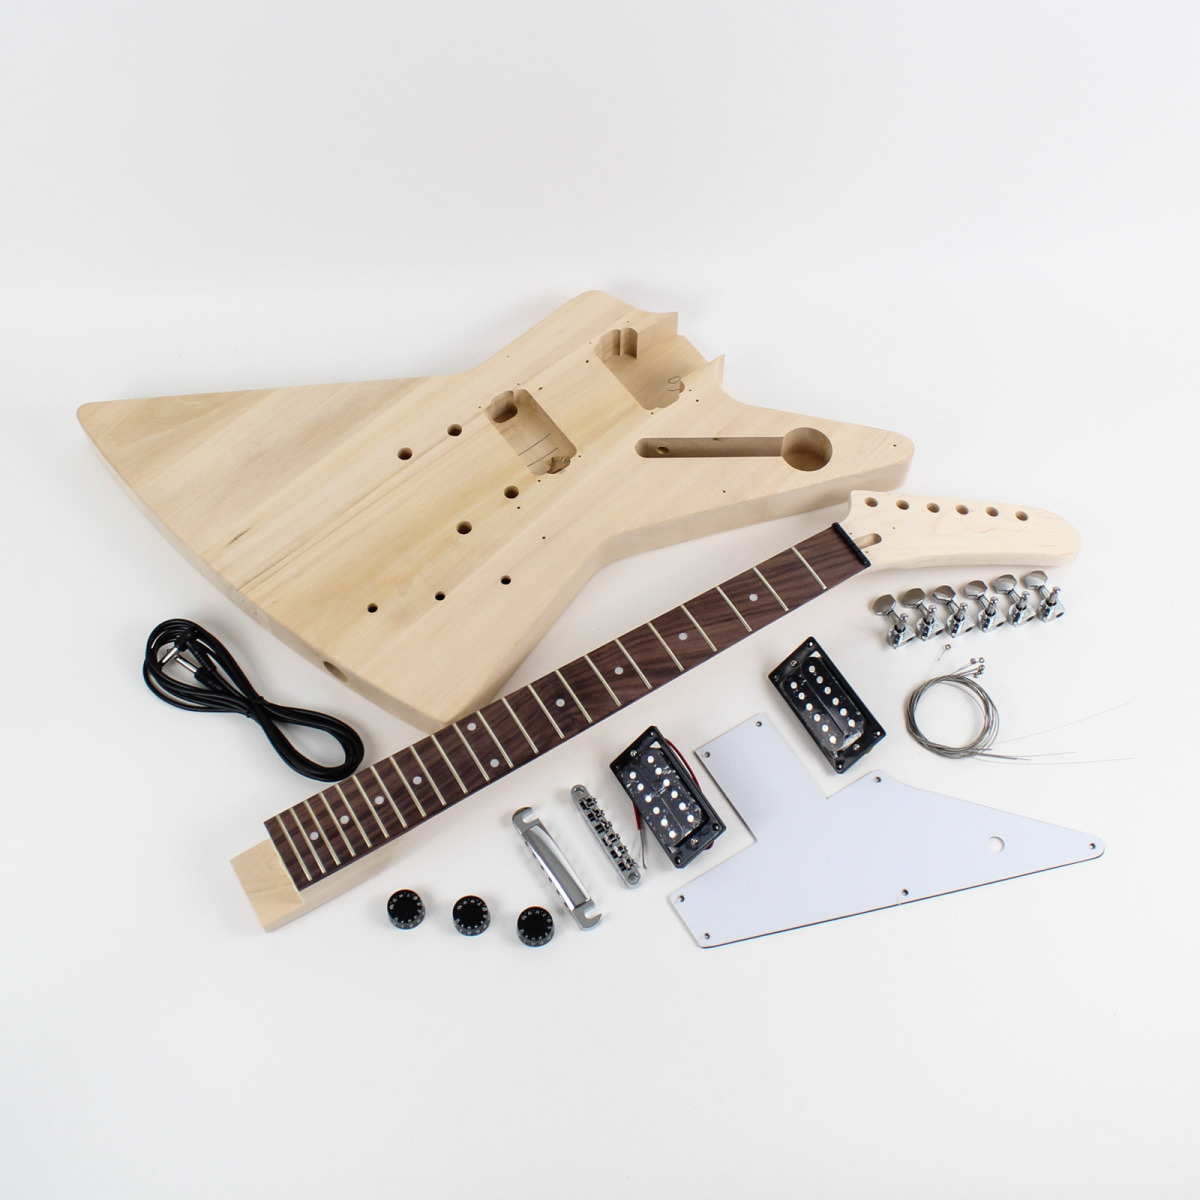 gibson explorer guitar kit diy guitars. Black Bedroom Furniture Sets. Home Design Ideas